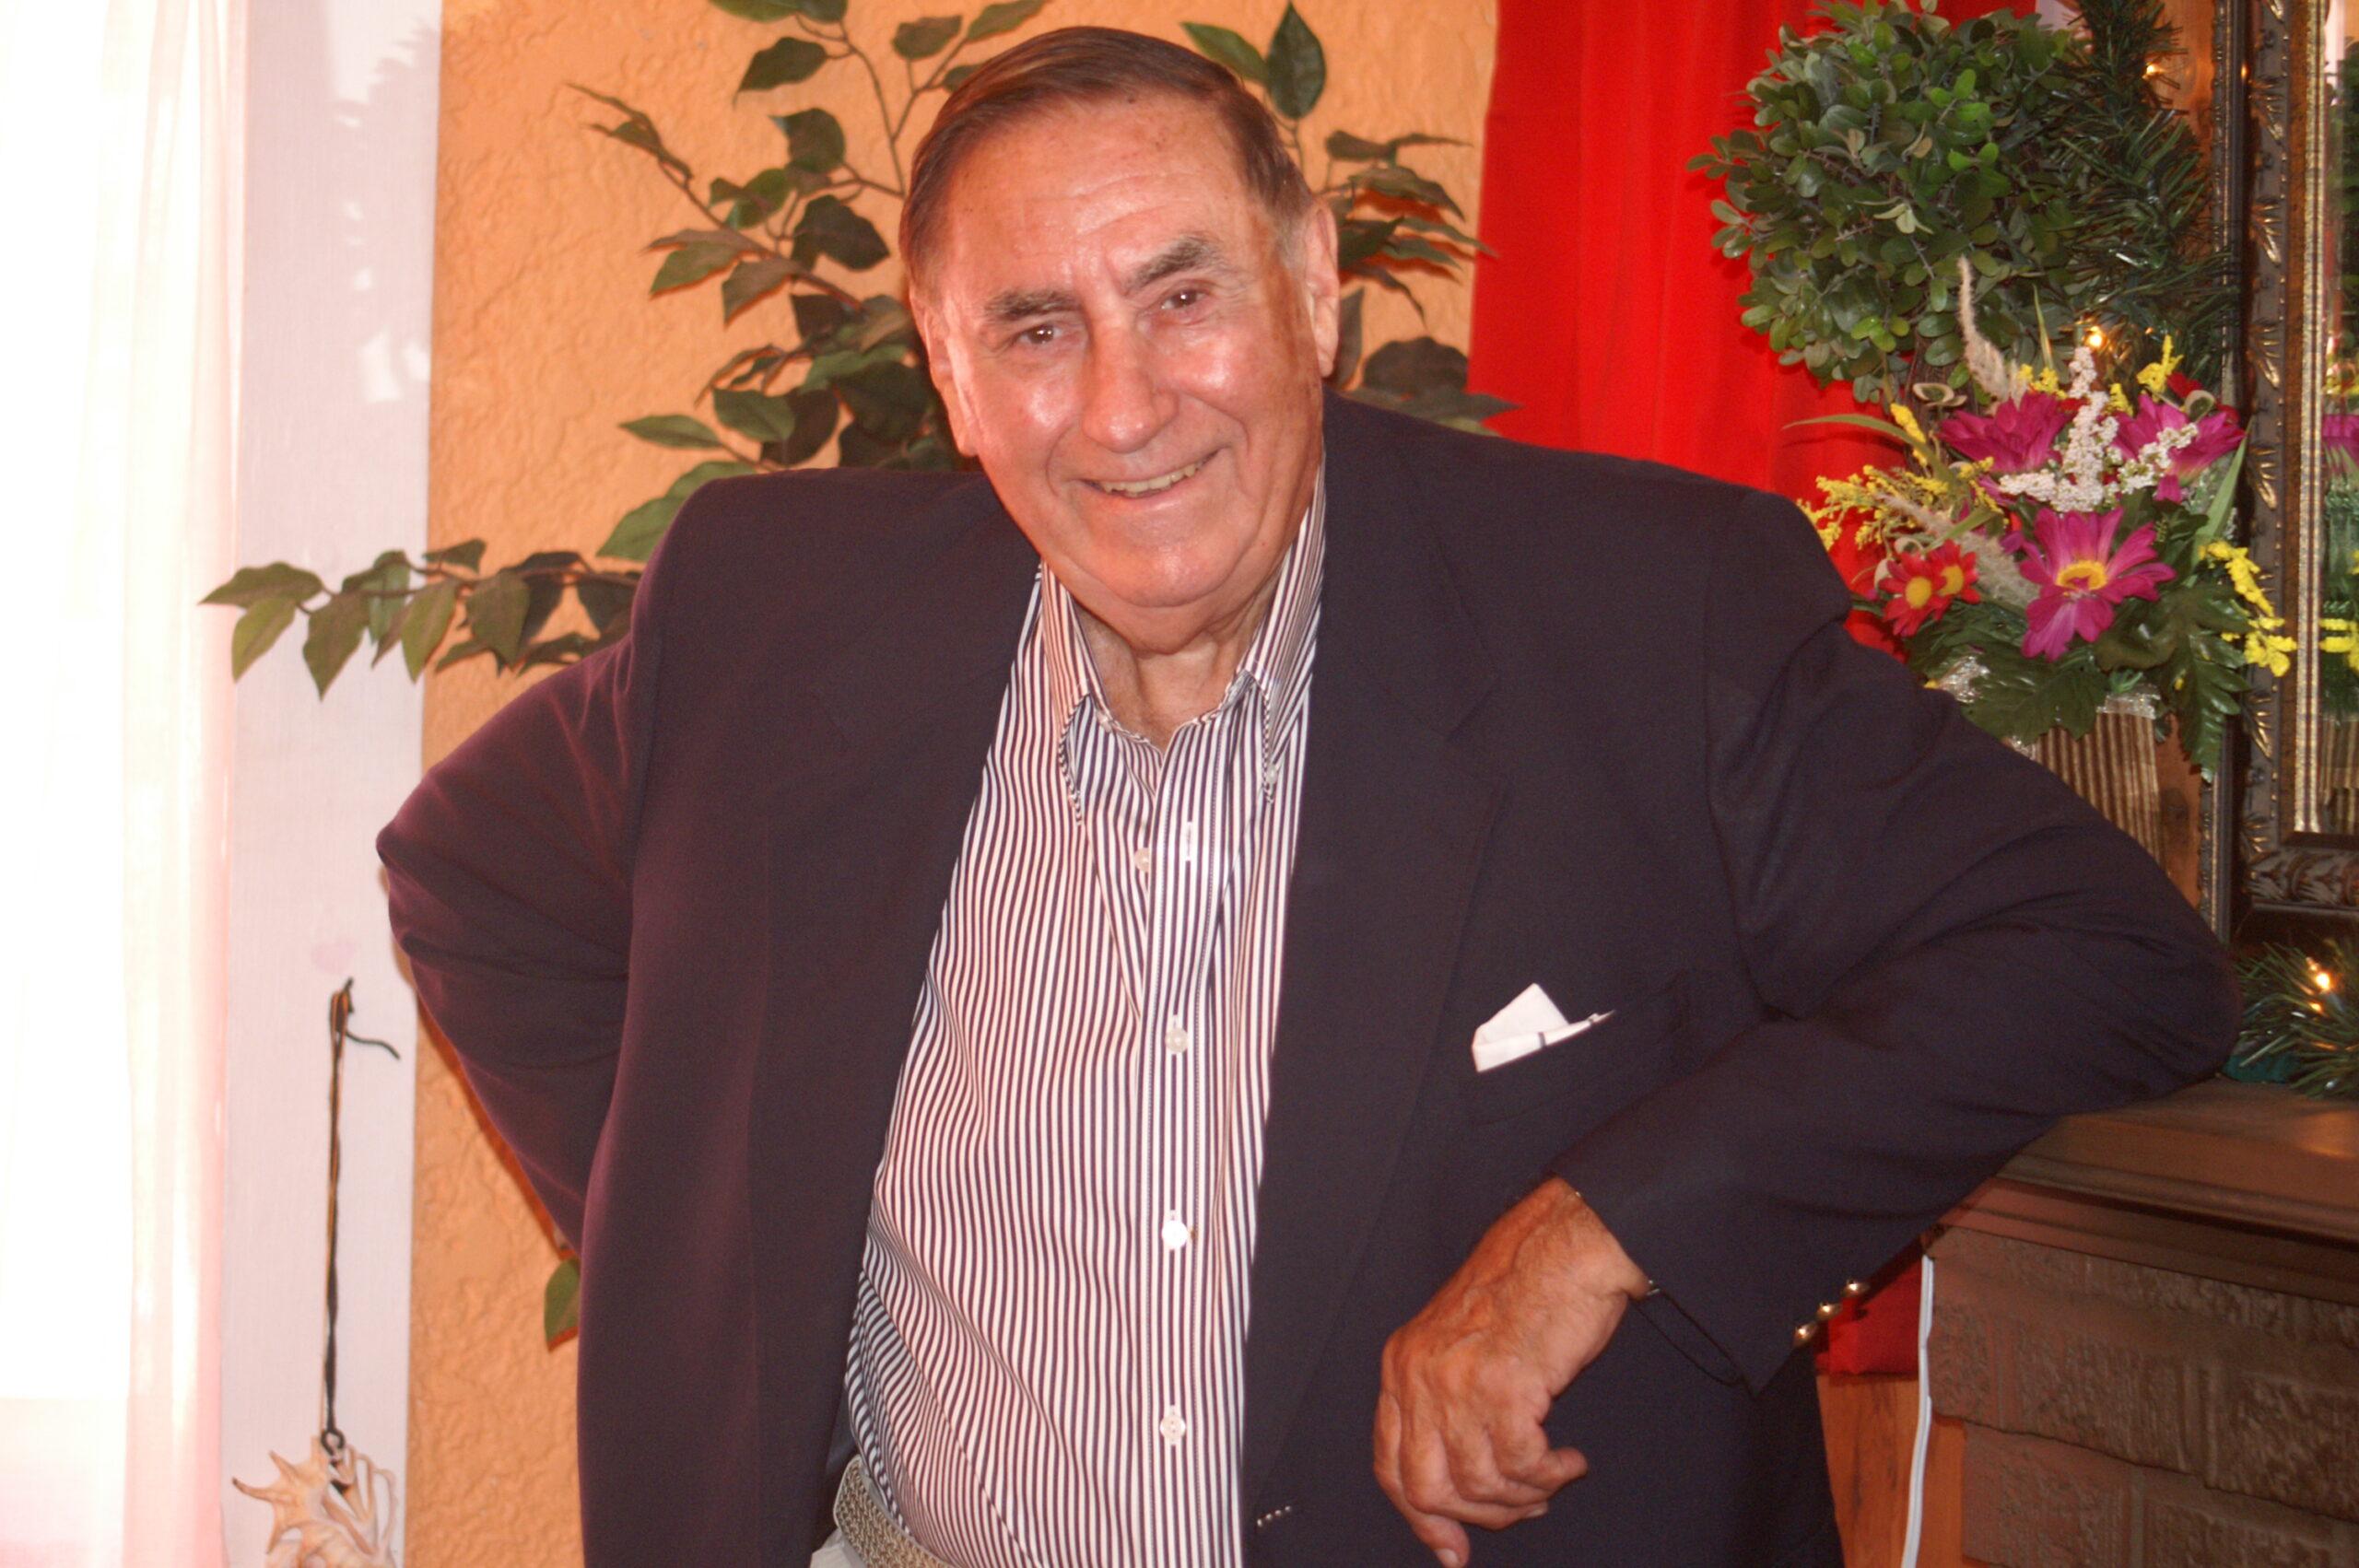 Dr. Robert Krupp